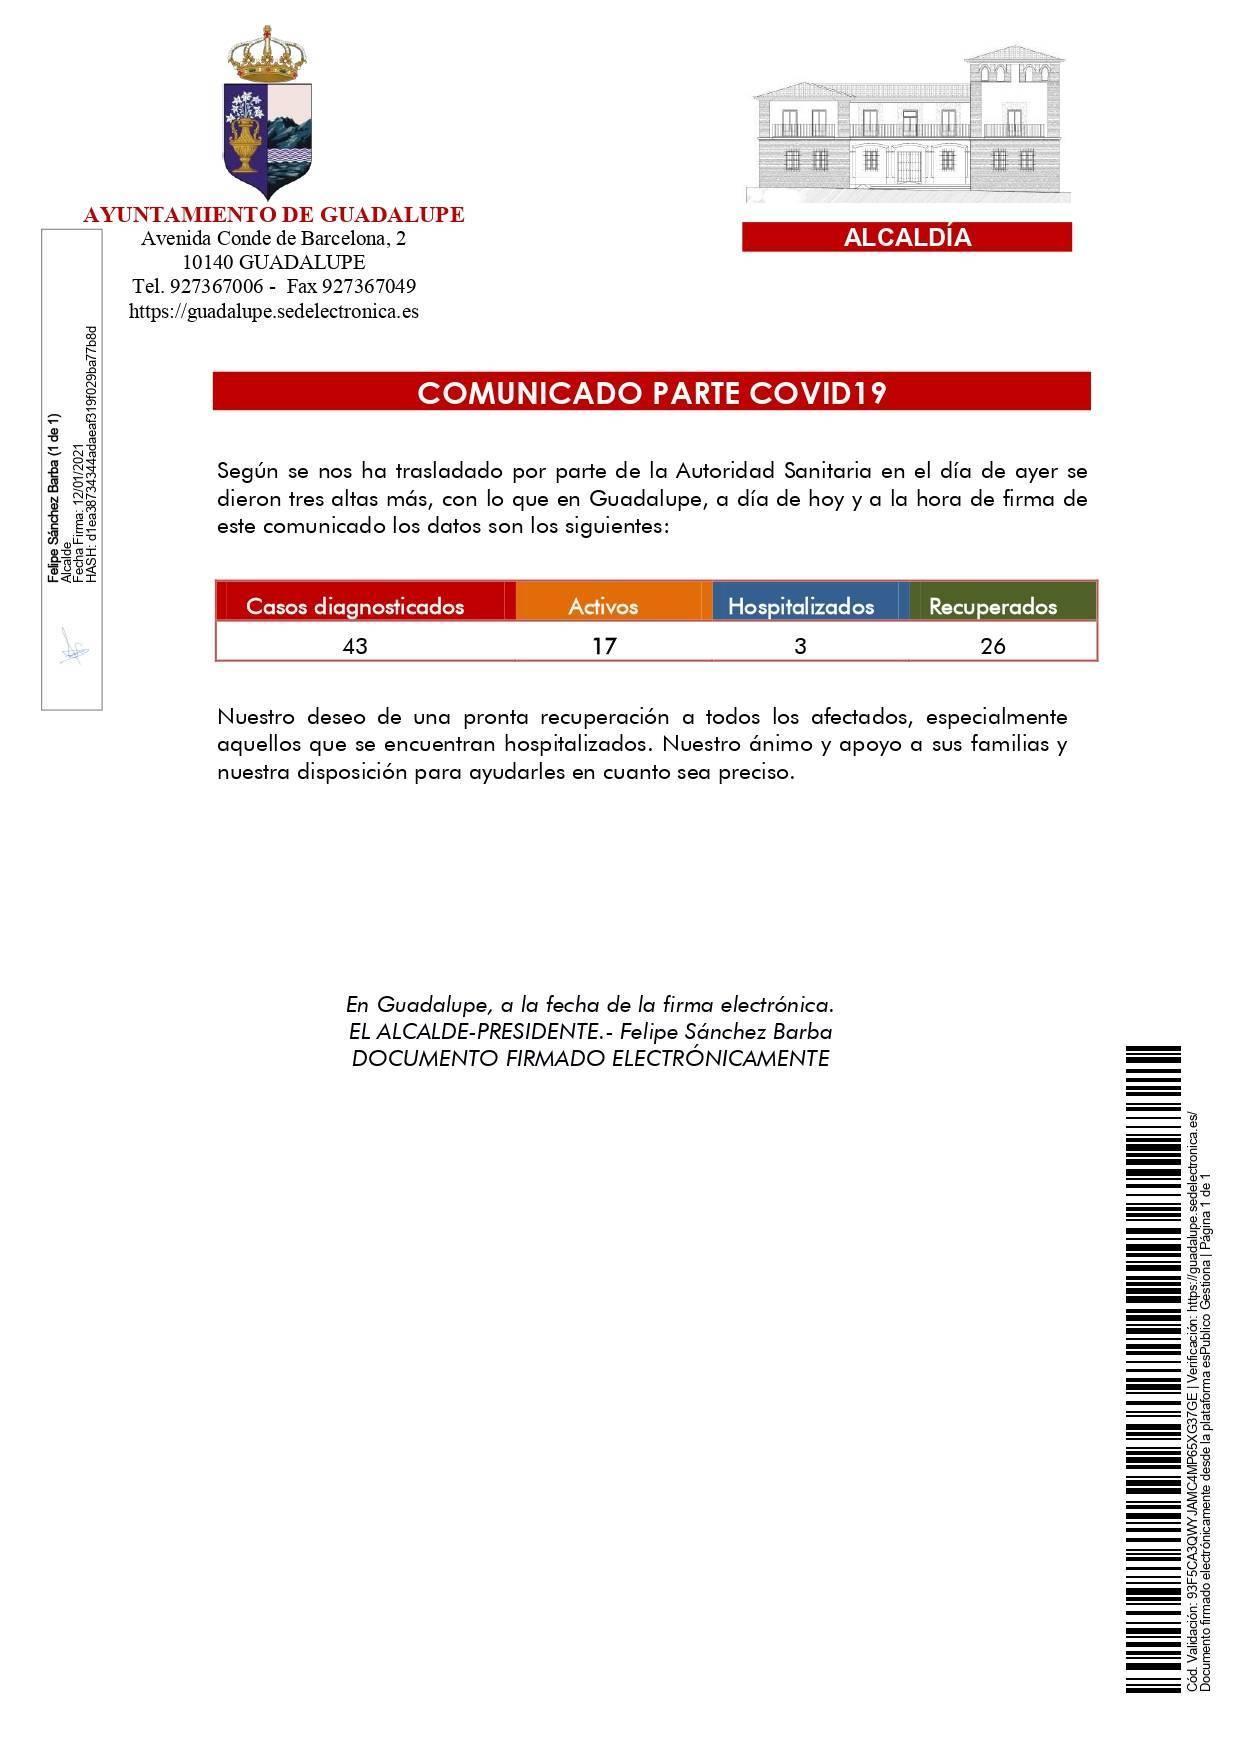 3 nuevas altas de COVID-19 (enero 2021) - Guadalupe (Cáceres)